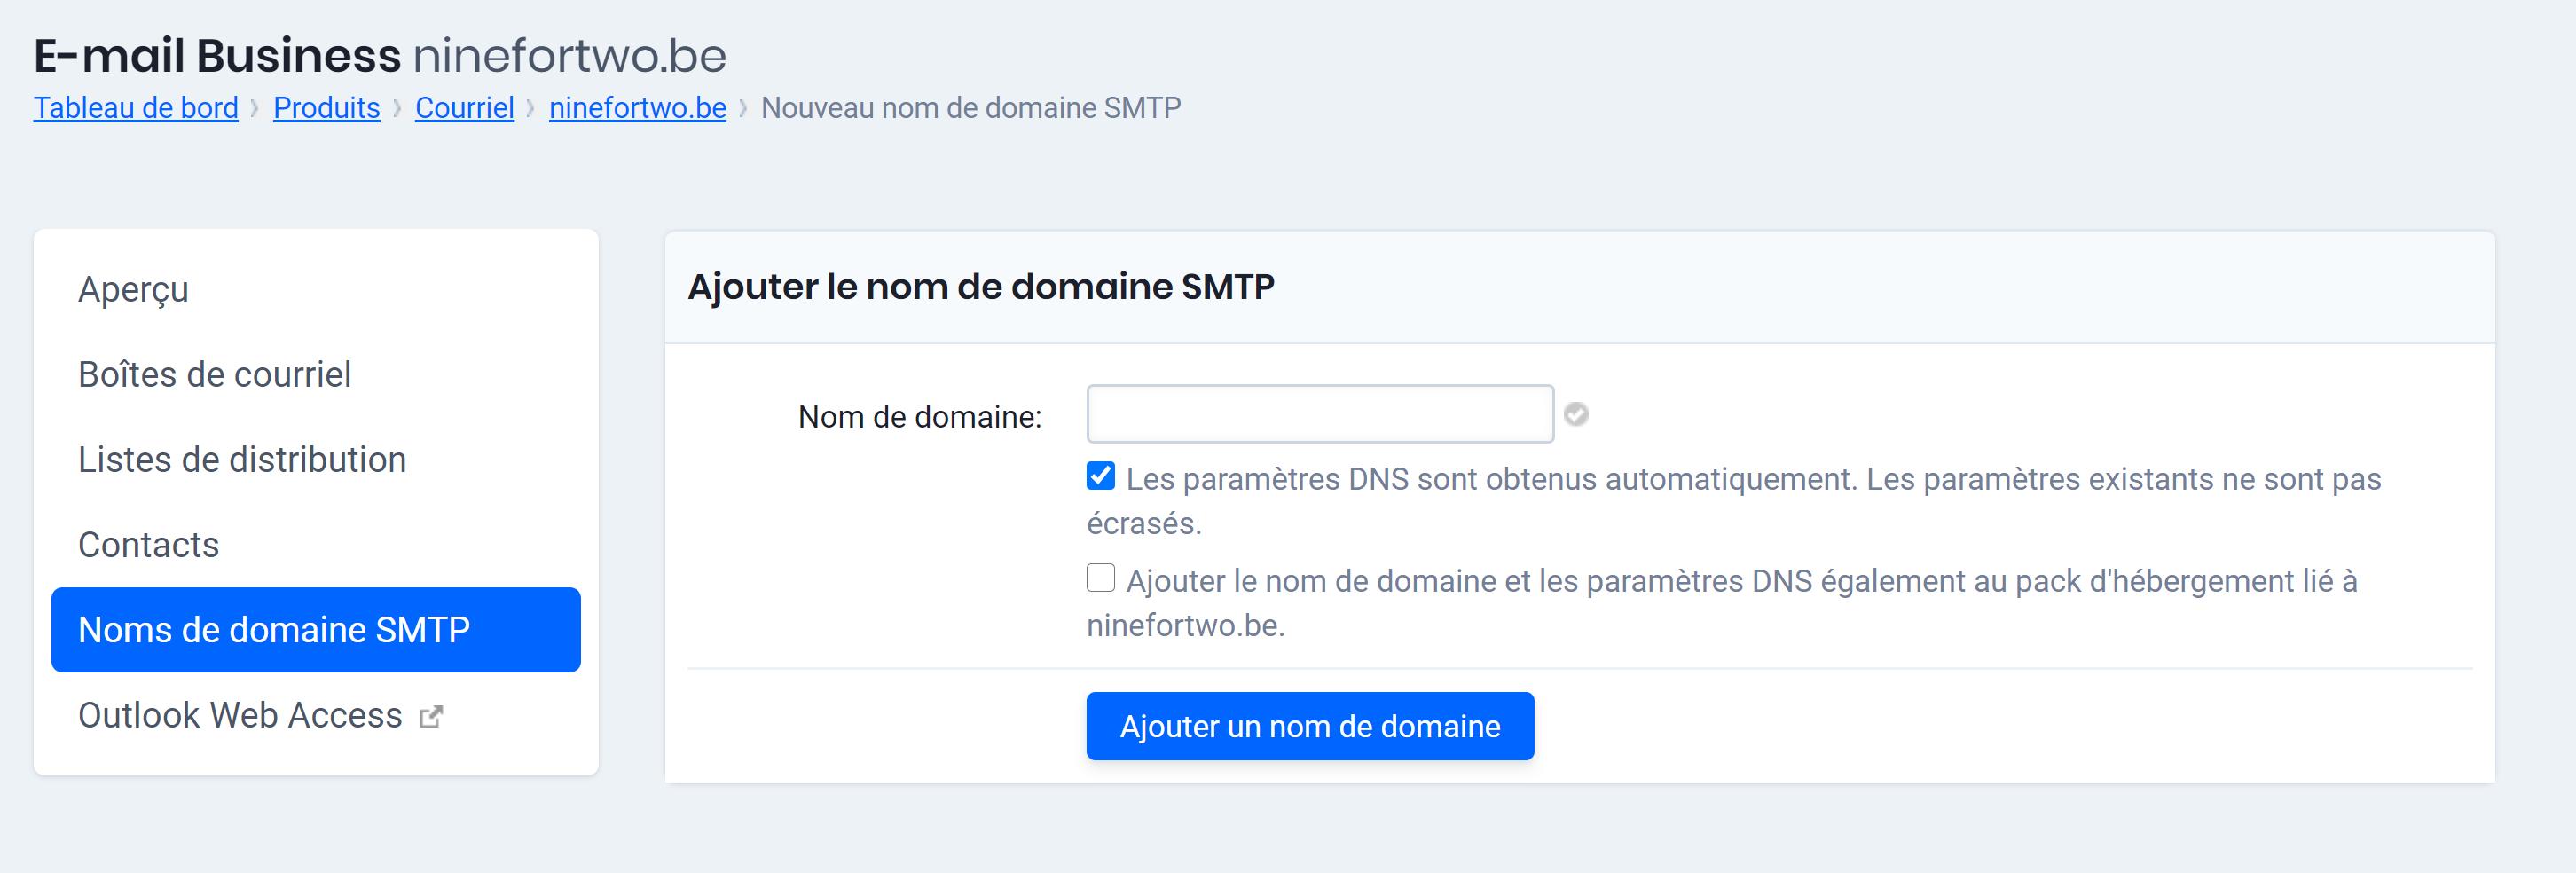 ajouter le nom de domaine SMTP Exchange